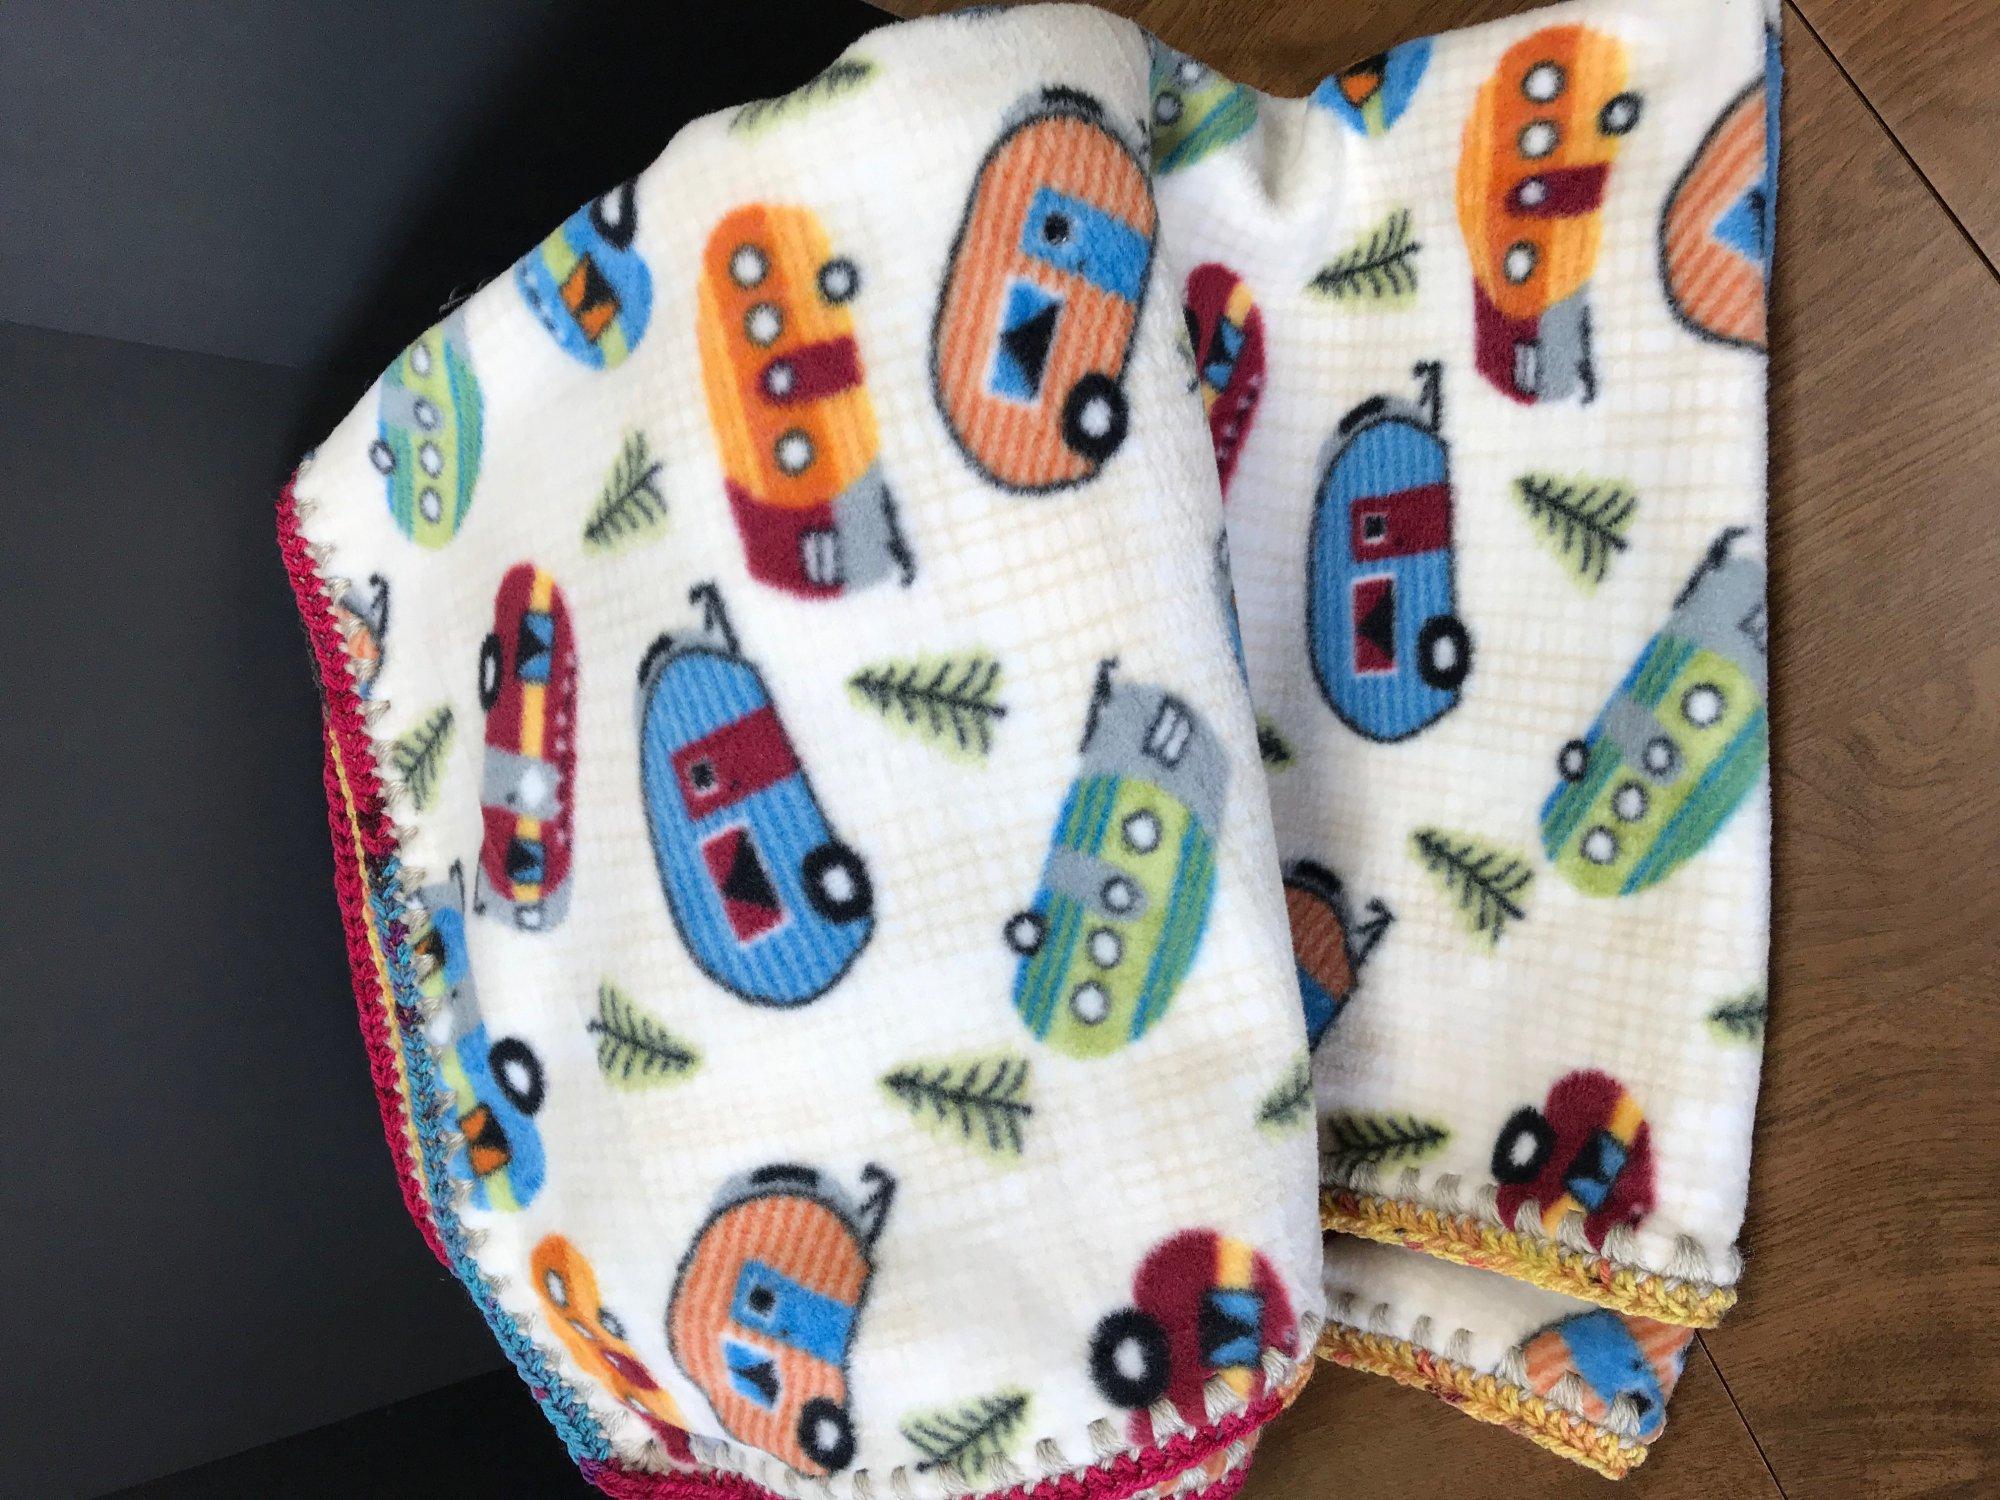 Camper Fleece Blanket with crochet border